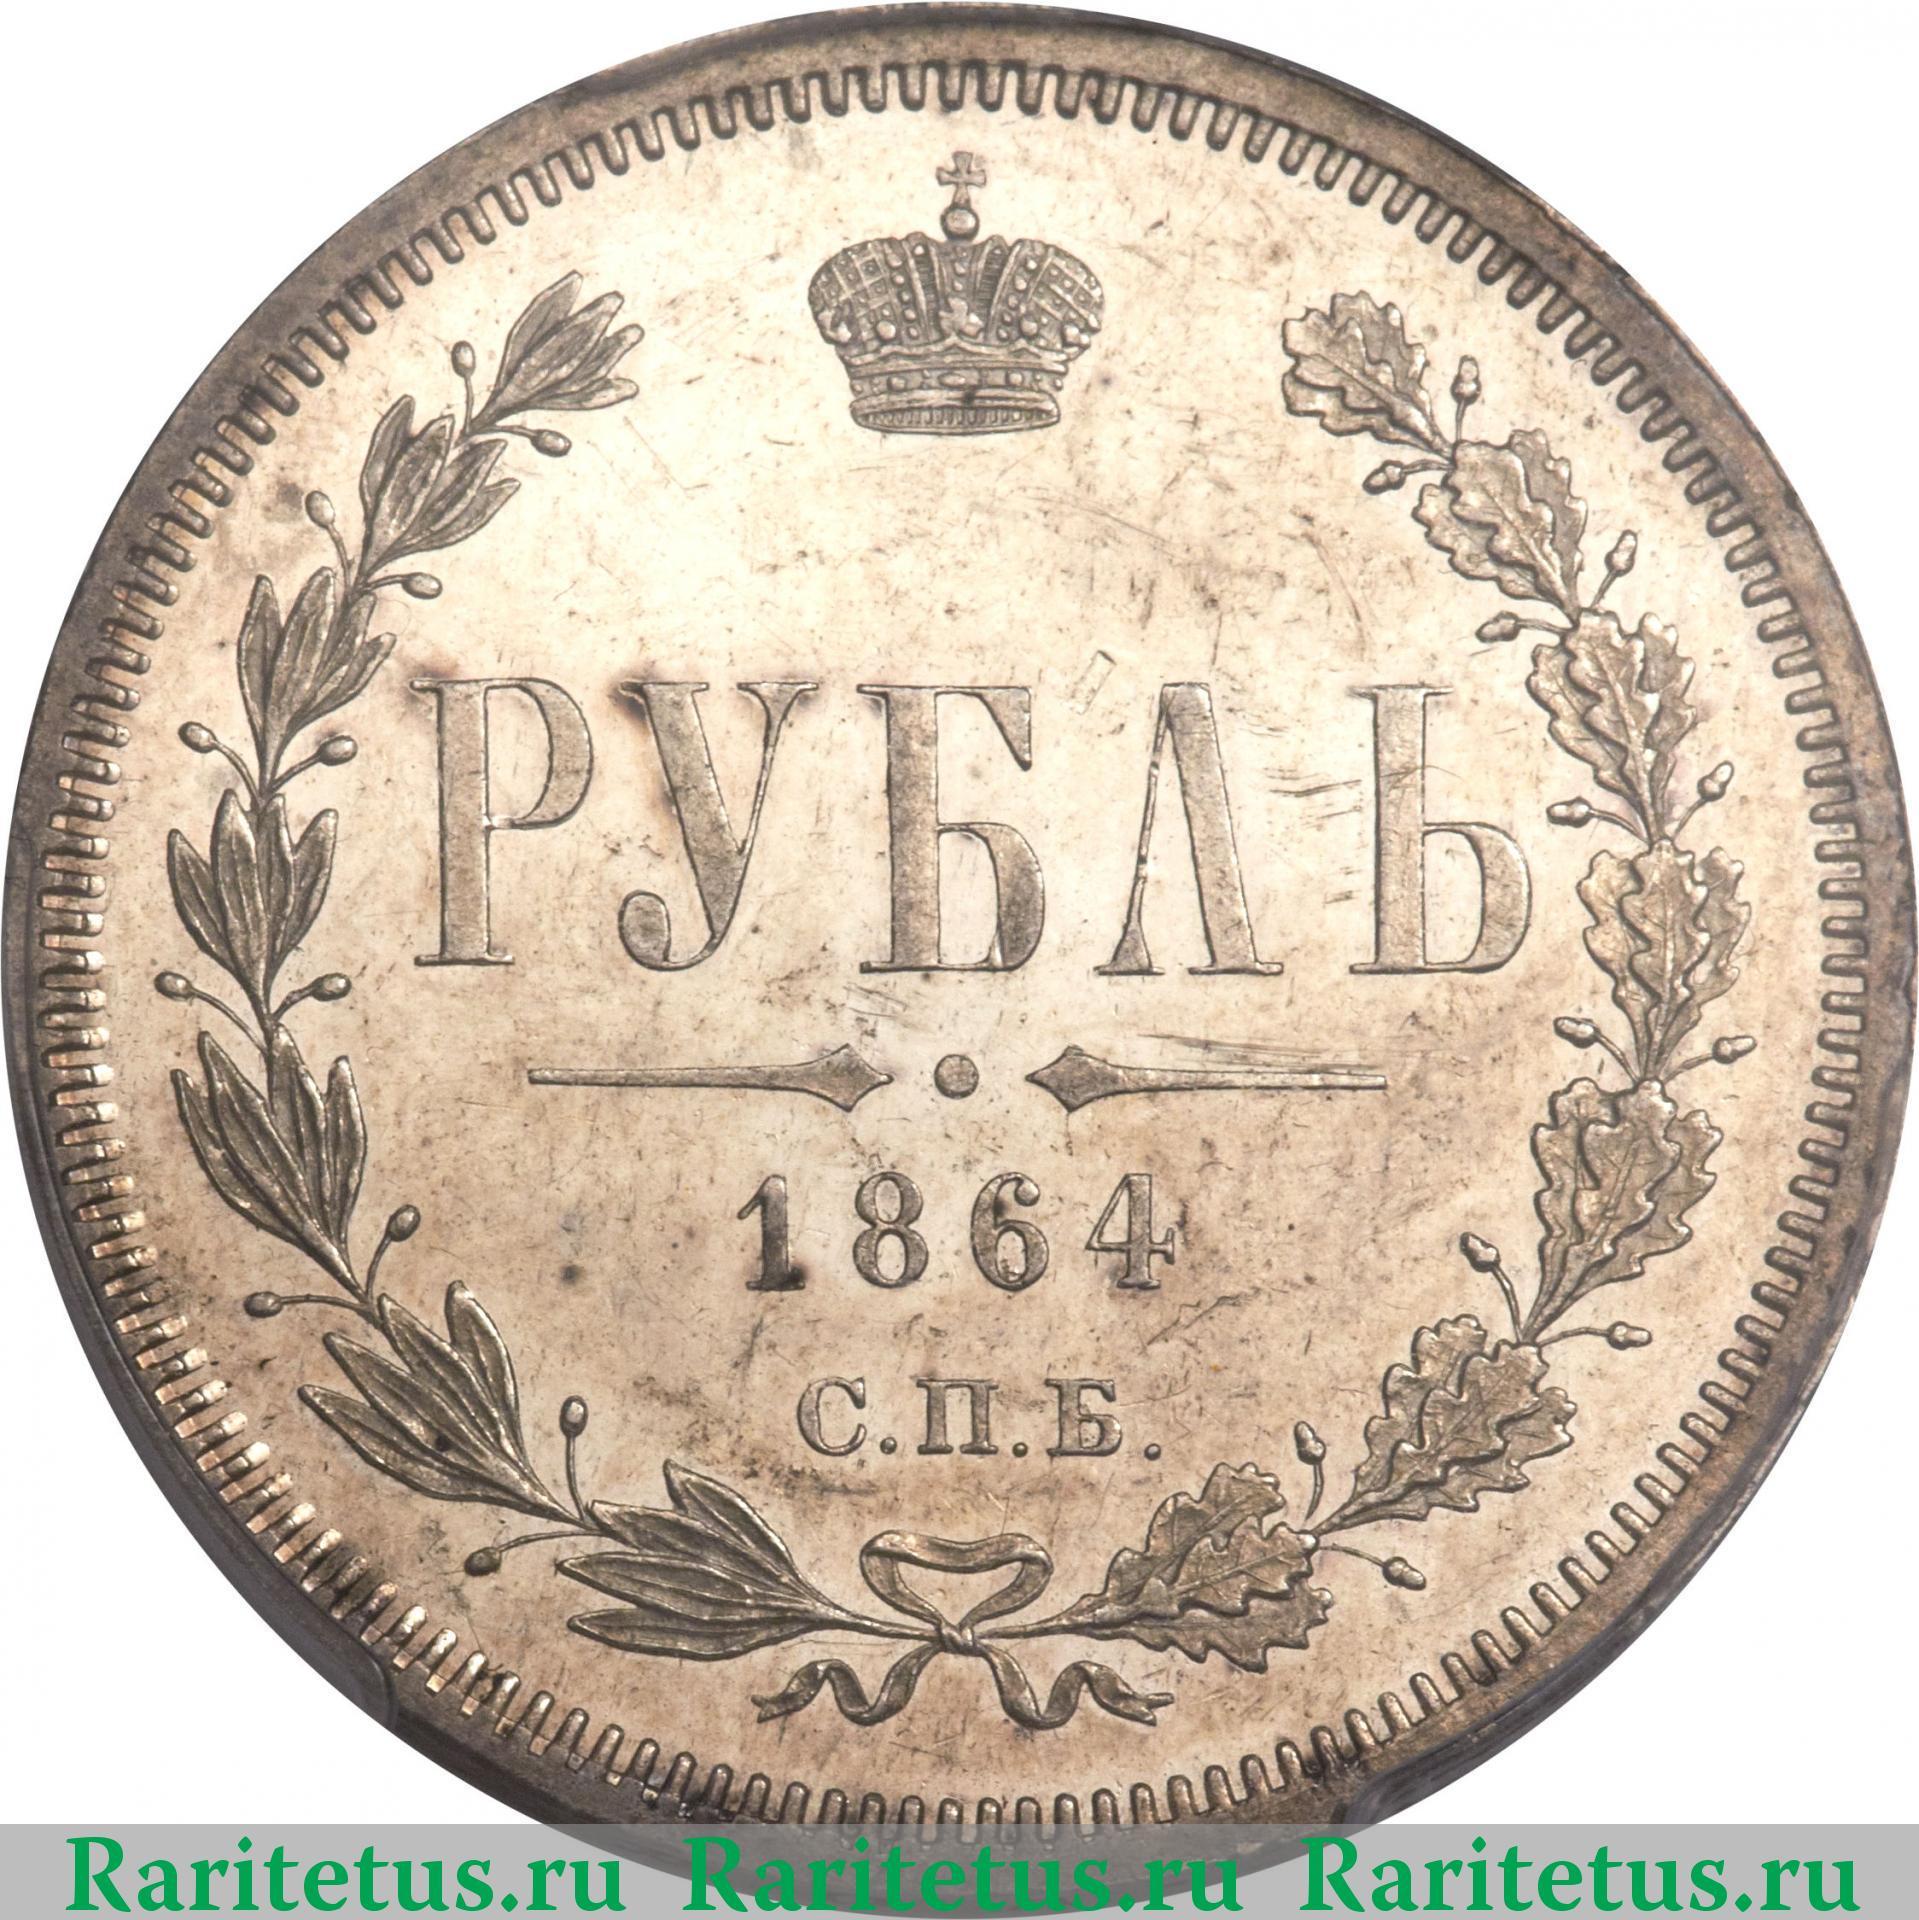 Один рубль александра 2 цена коп сокровищ видео